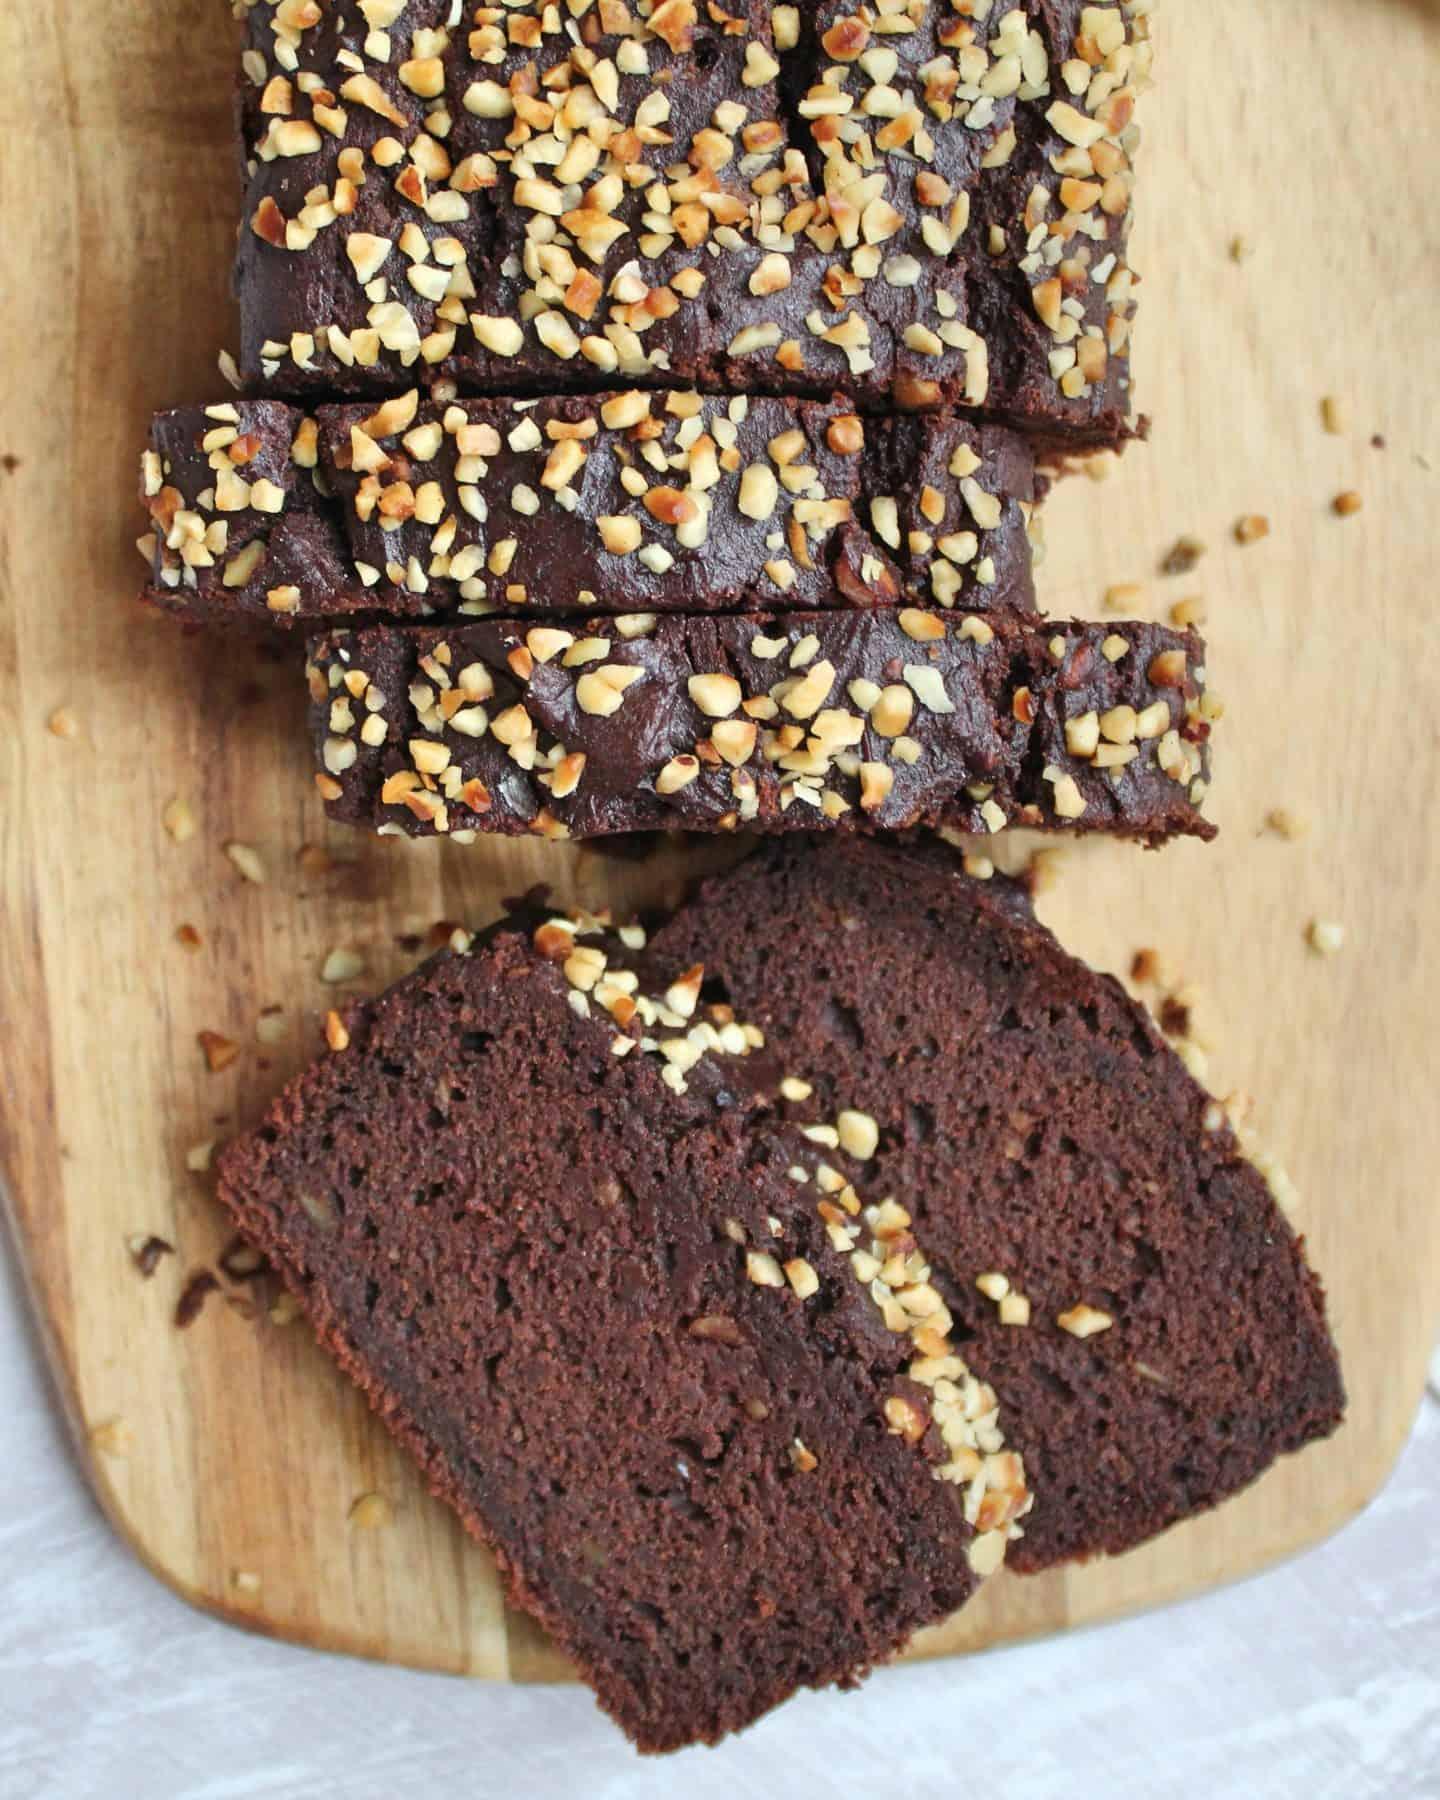 gluten free vegan chocolate banana bread recipe veganuary